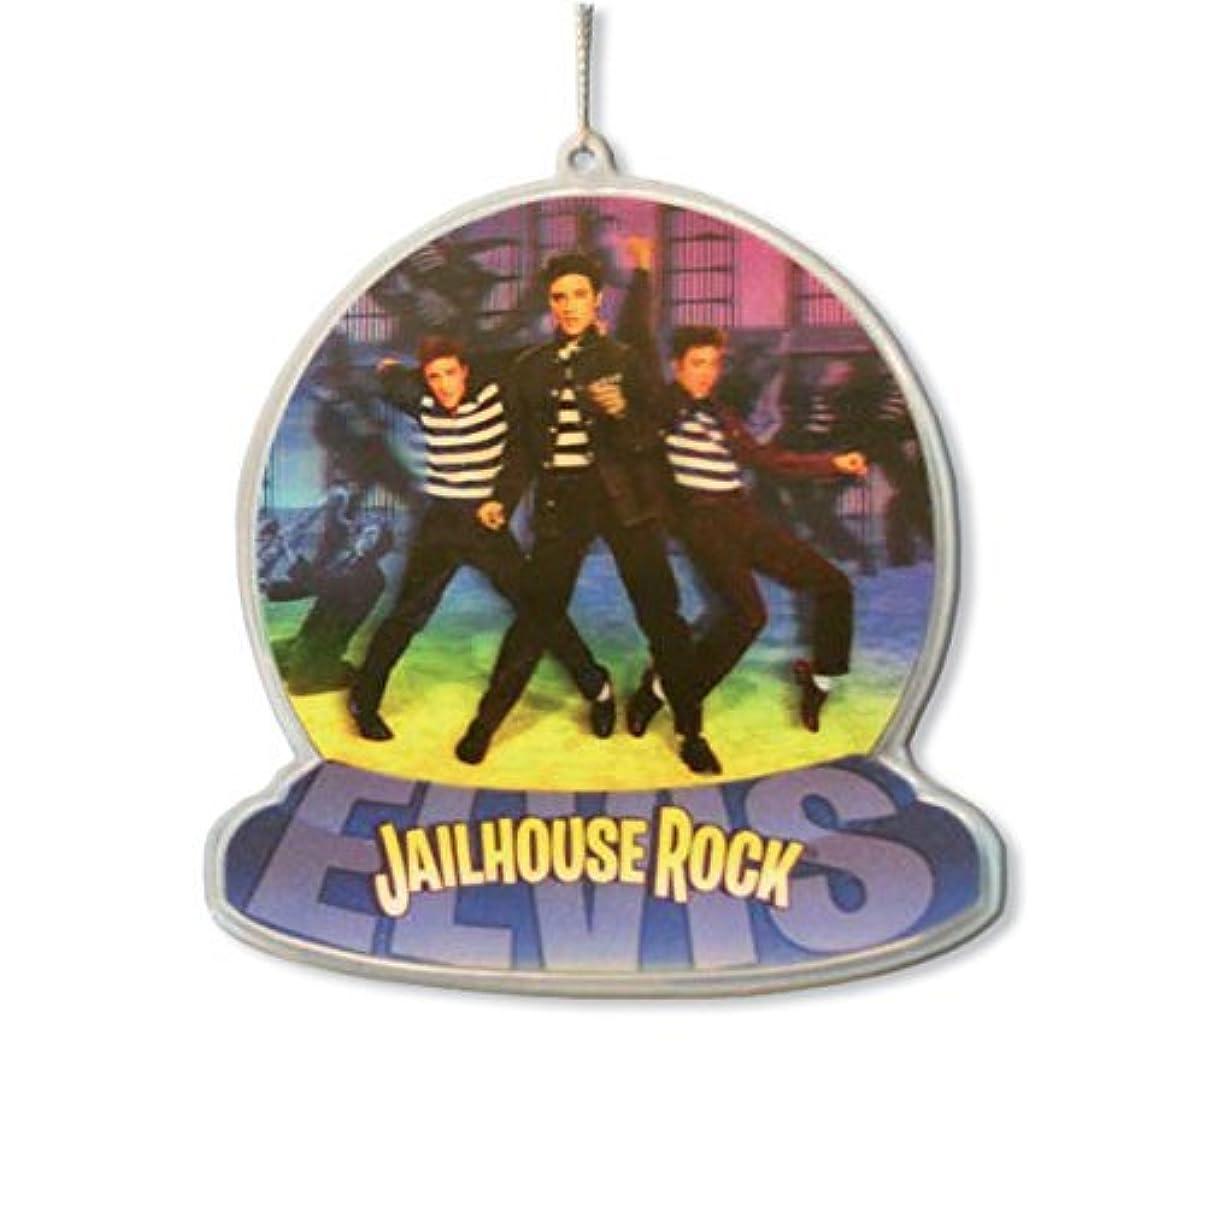 パンフレット試用シールドエルヴィス?プレスリー JAIL HOUSE ROCK クリスマス オーナメント 飾り 装飾 【ロンドン直輸入オフィシャルグッズ】